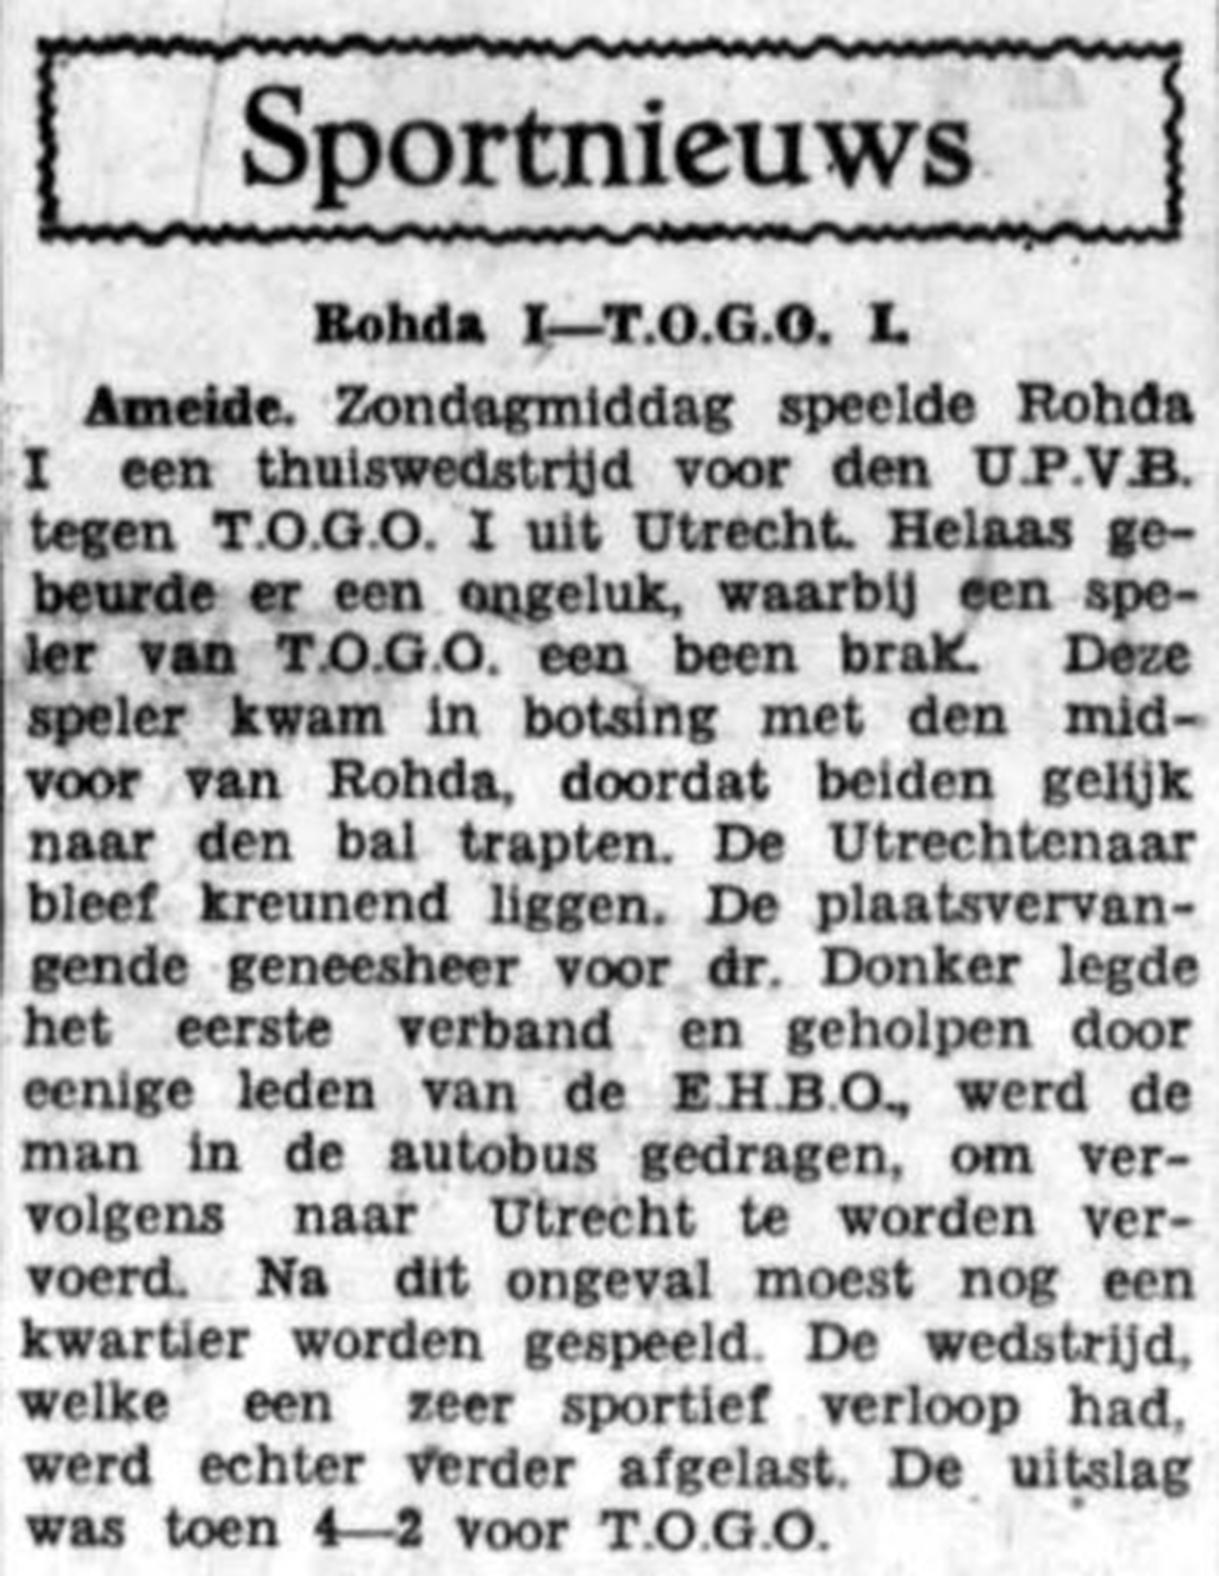 schoonhovensche-courant-06807-1937-05-10-artikel-01